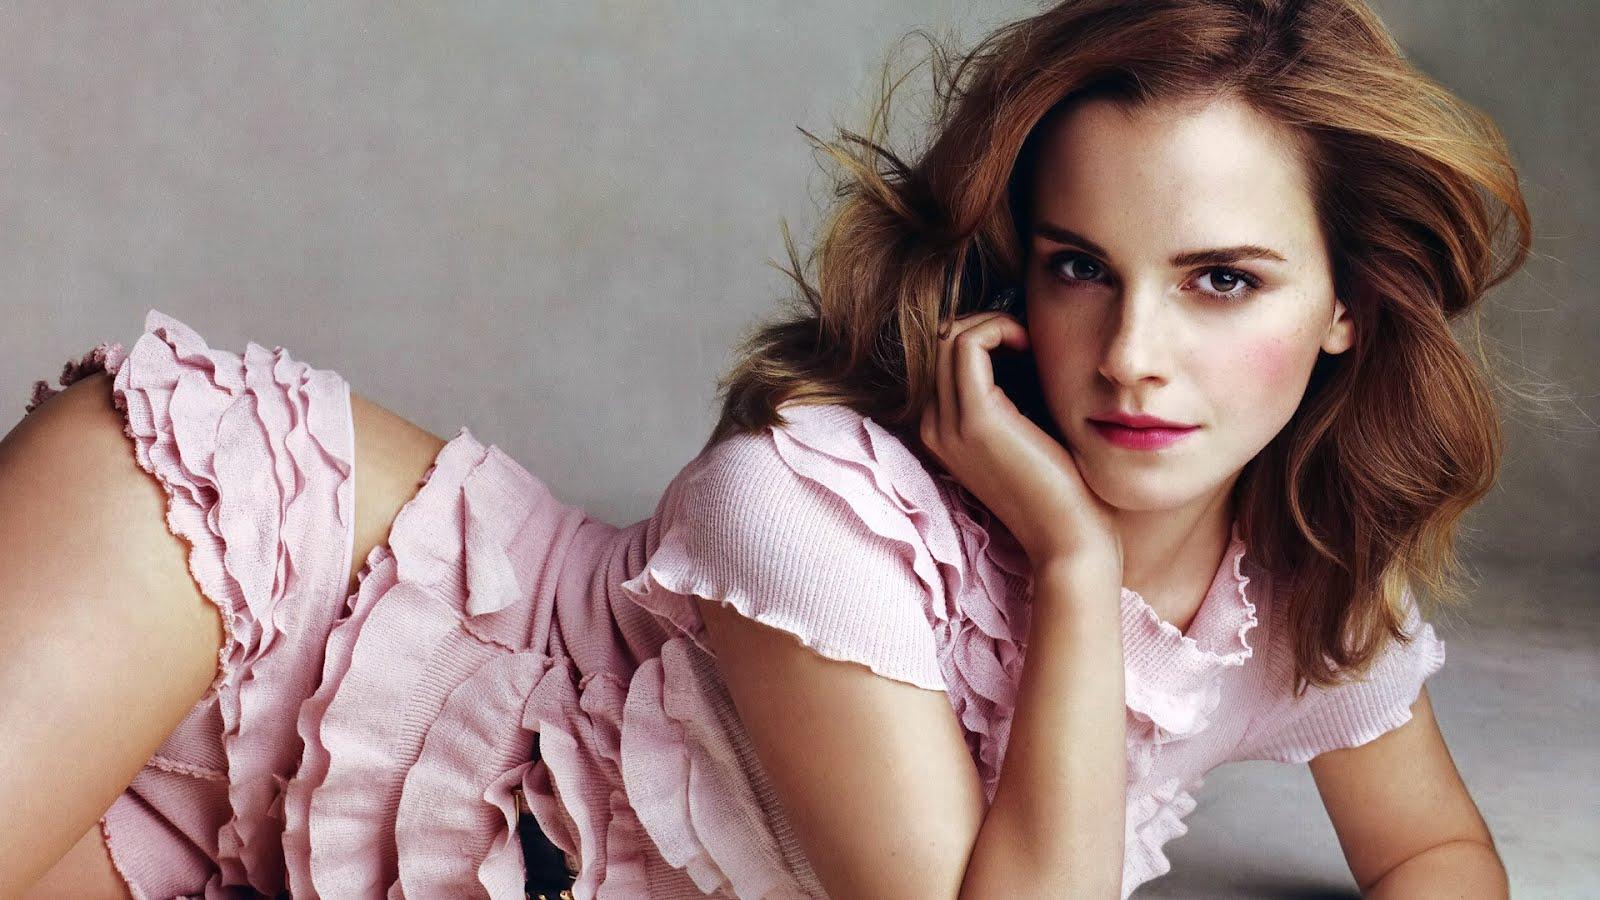 Beauty Models Images Emma Watson